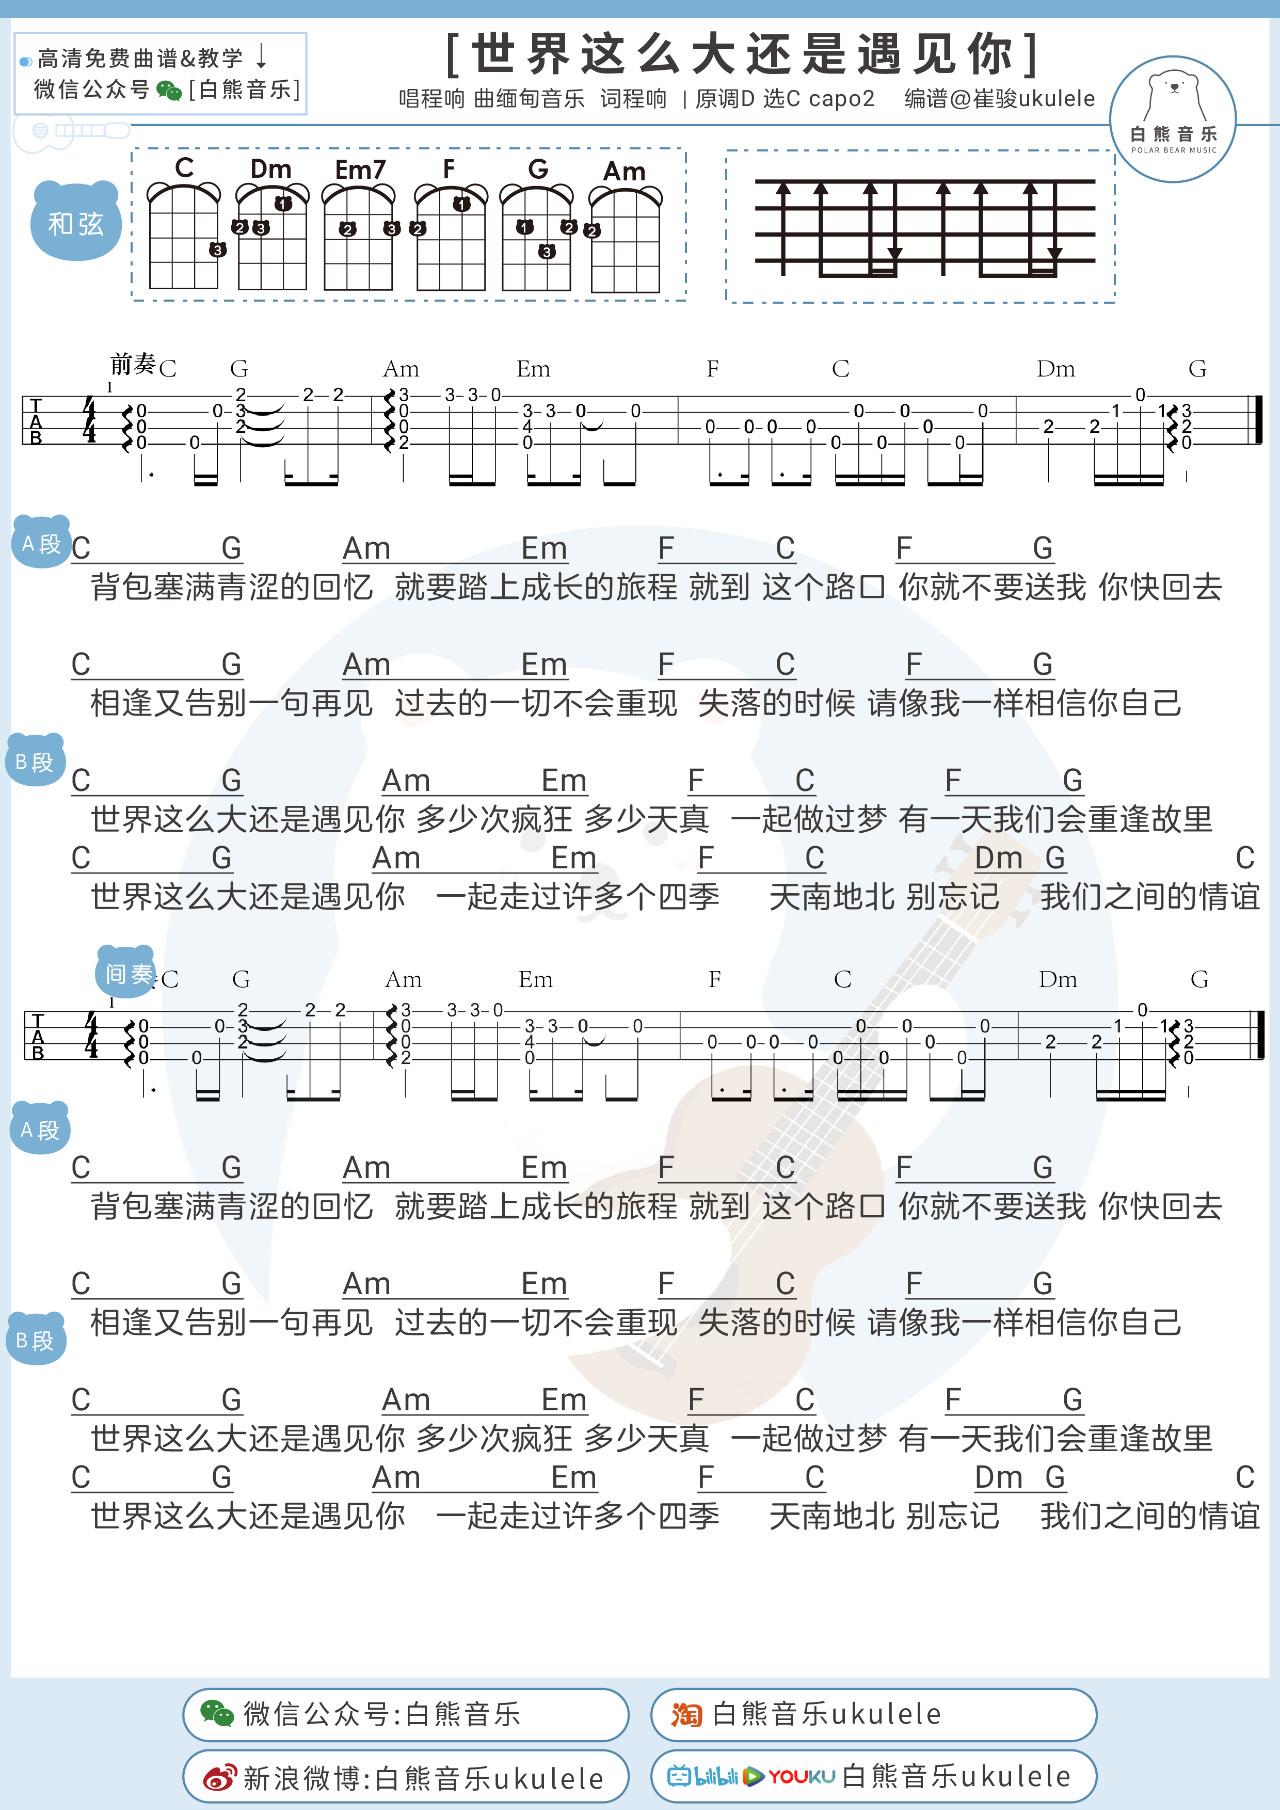 白熊音乐《世界那么大还是遇到你》弹唱谱